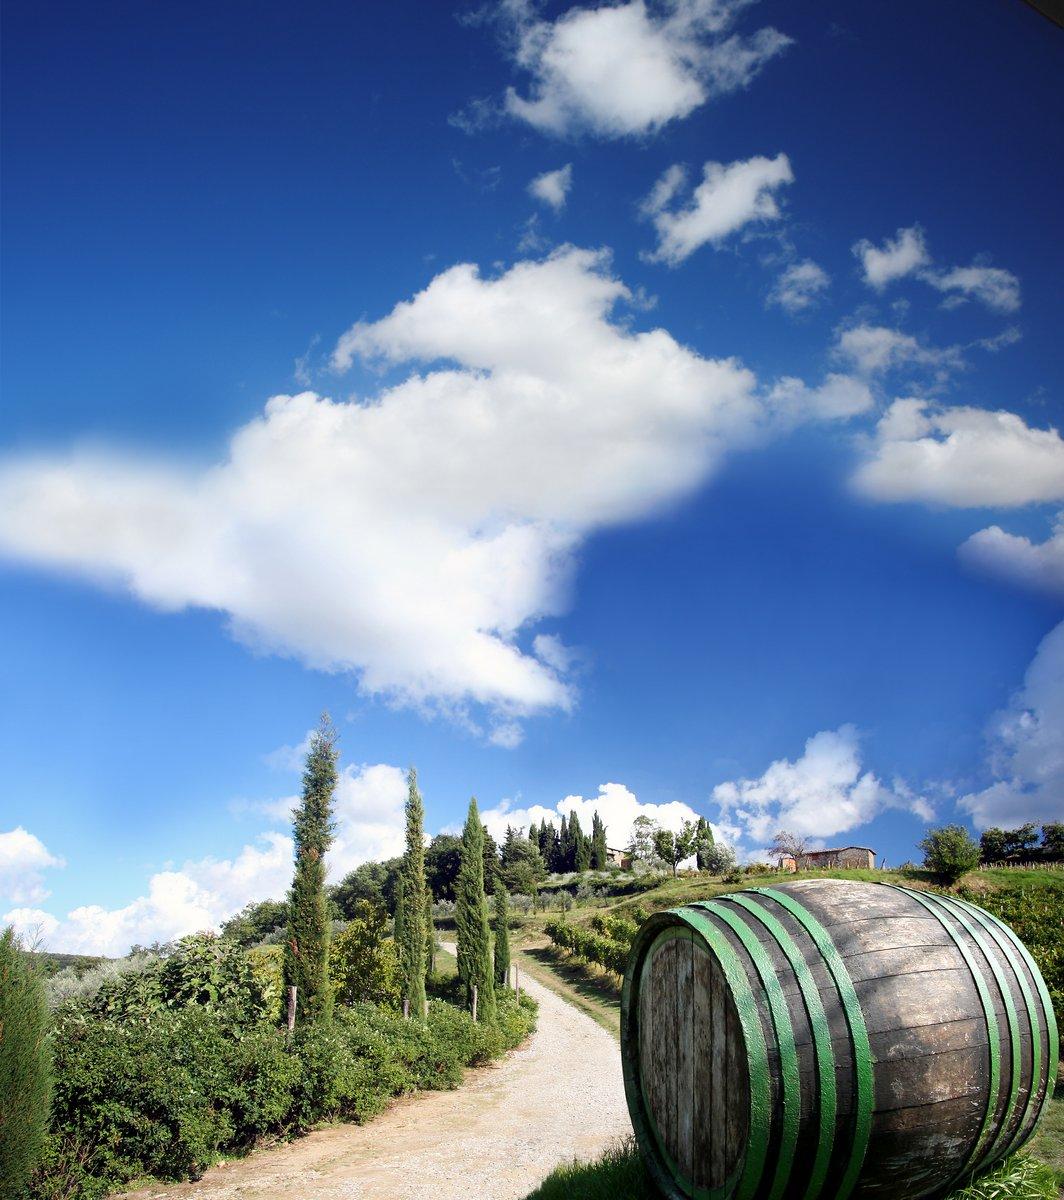 Постер Тоскана Кьянти виноградник пейзаж в Тоскане, ИталияТоскана<br>Постер на холсте или бумаге. Любого нужного вам размера. В раме или без. Подвес в комплекте. Трехслойная надежная упаковка. Доставим в любую точку России. Вам осталось только повесить картину на стену!<br>